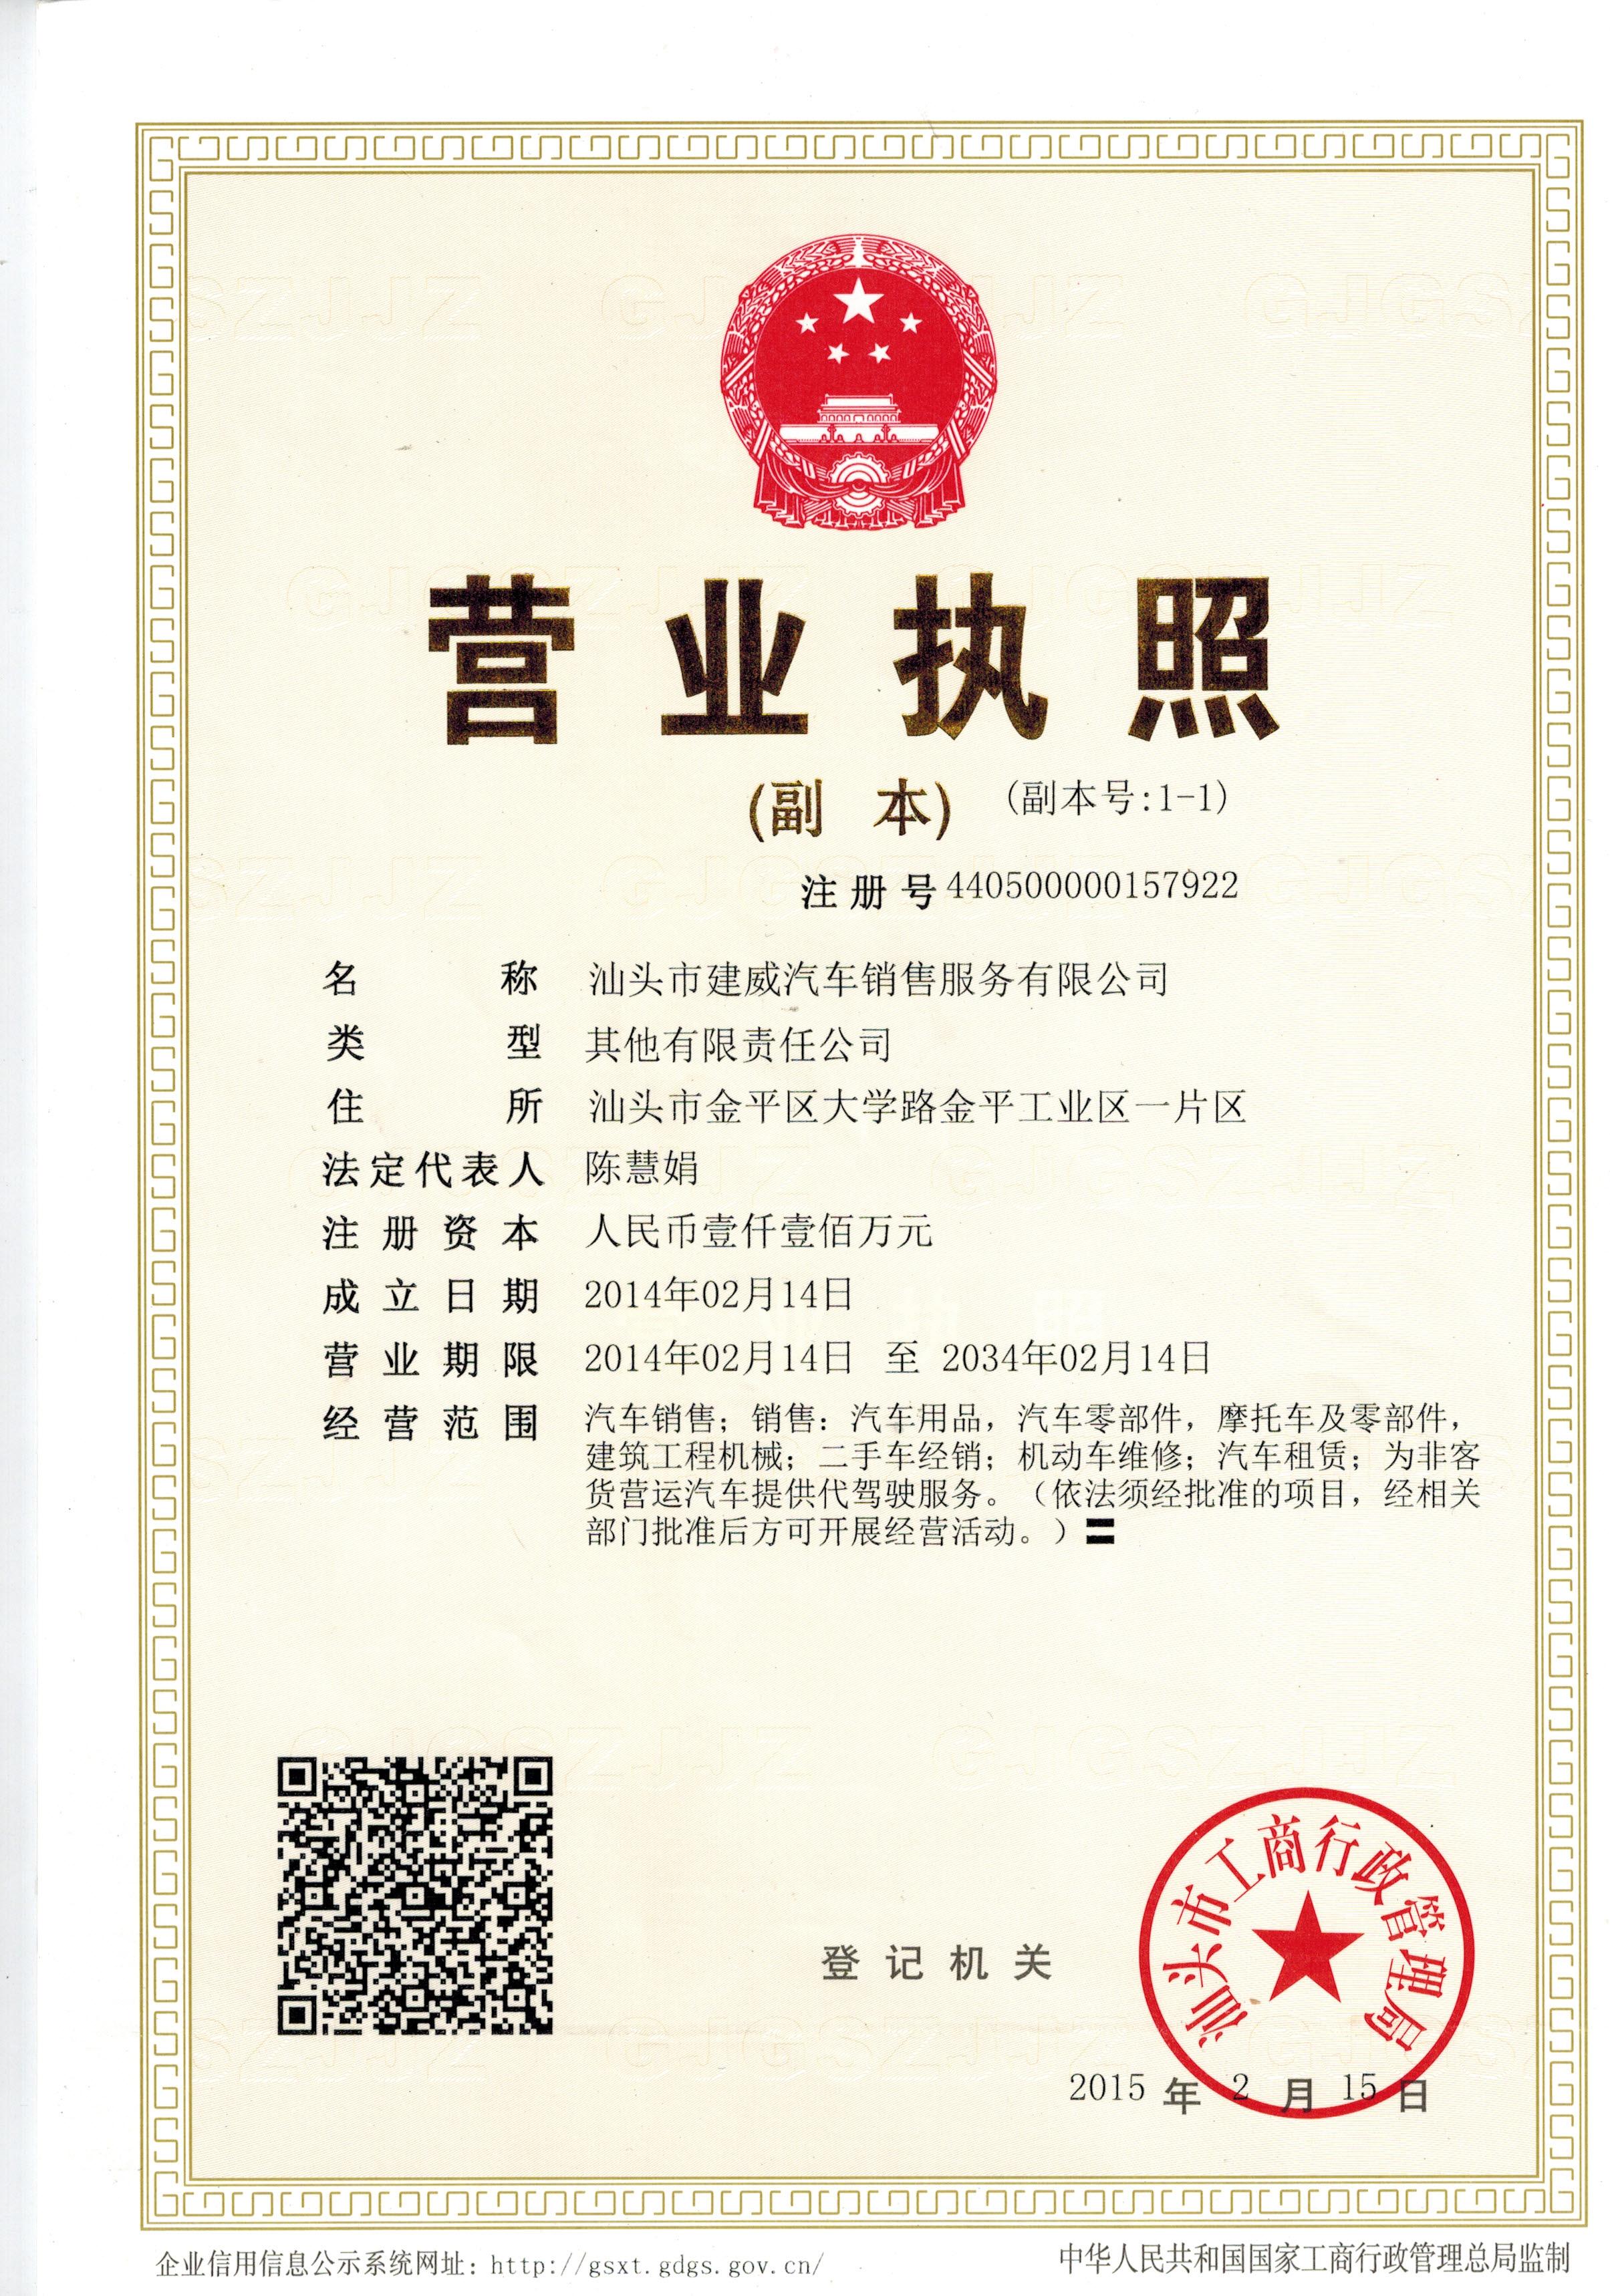 汕头至上海的飞机票 汕头到郑州飞机票 广州到汕头飞机票